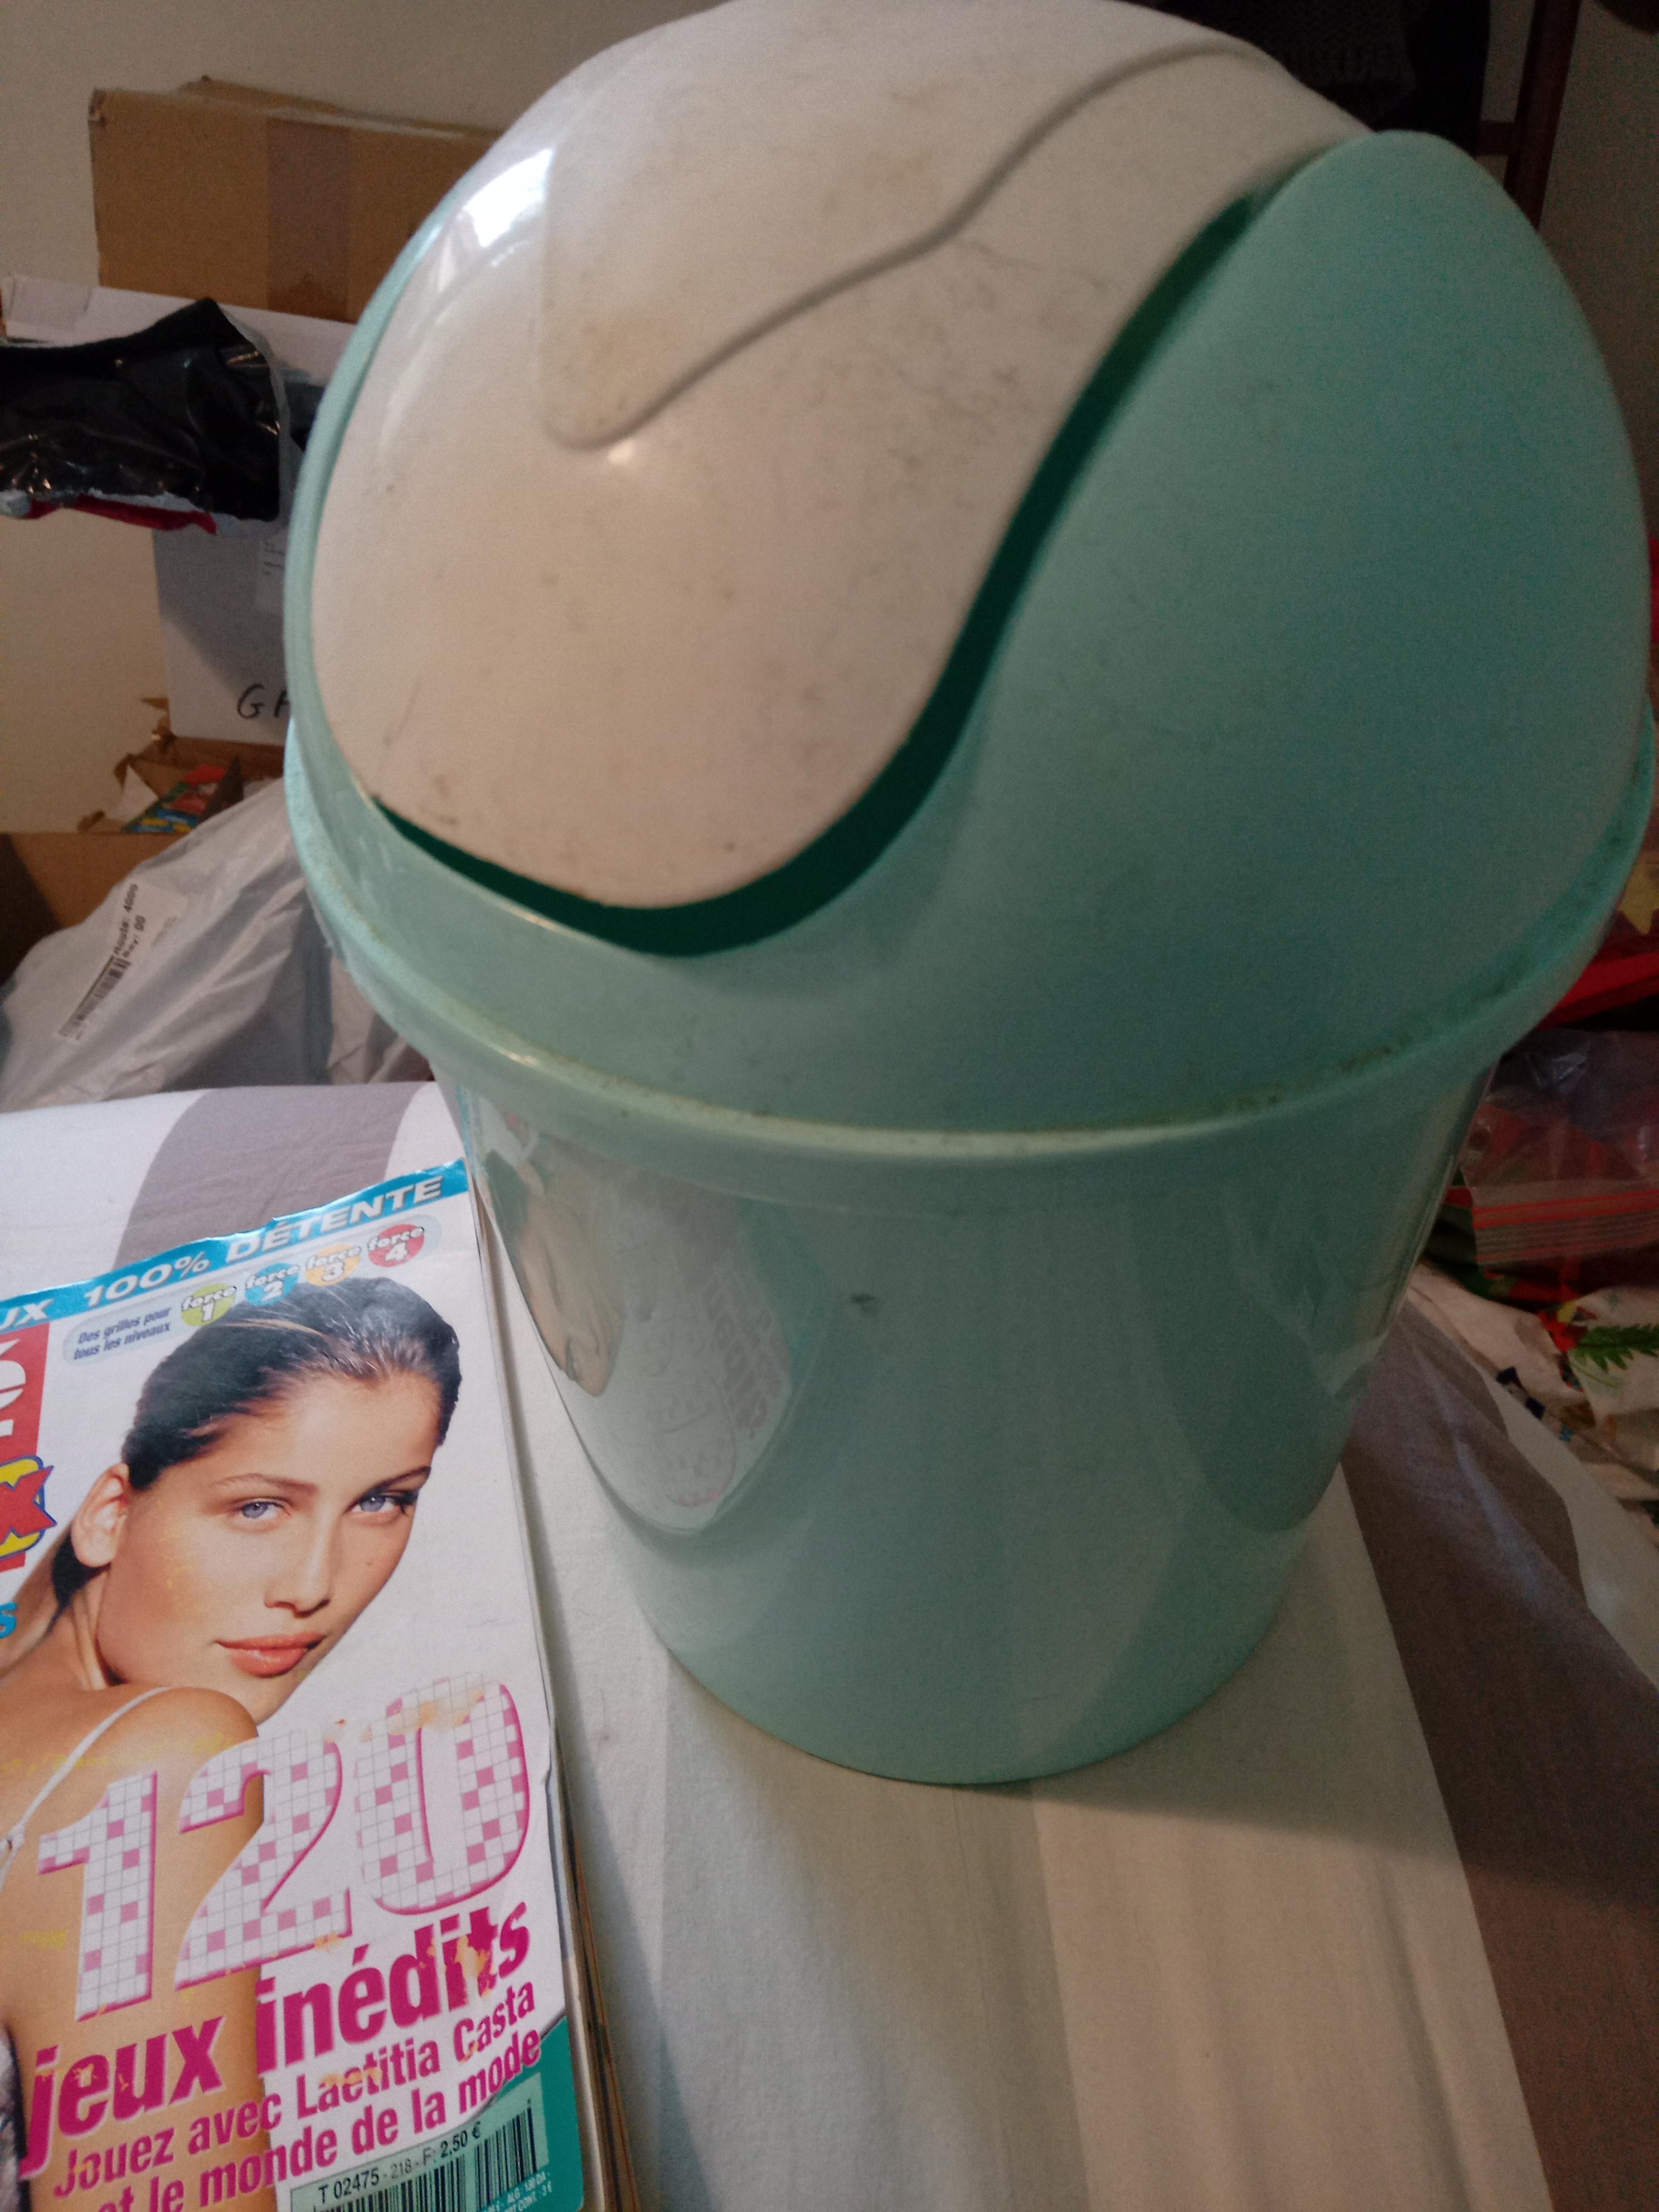 troc de troc poubelle style poubelle de salle de bain *dispo image 0